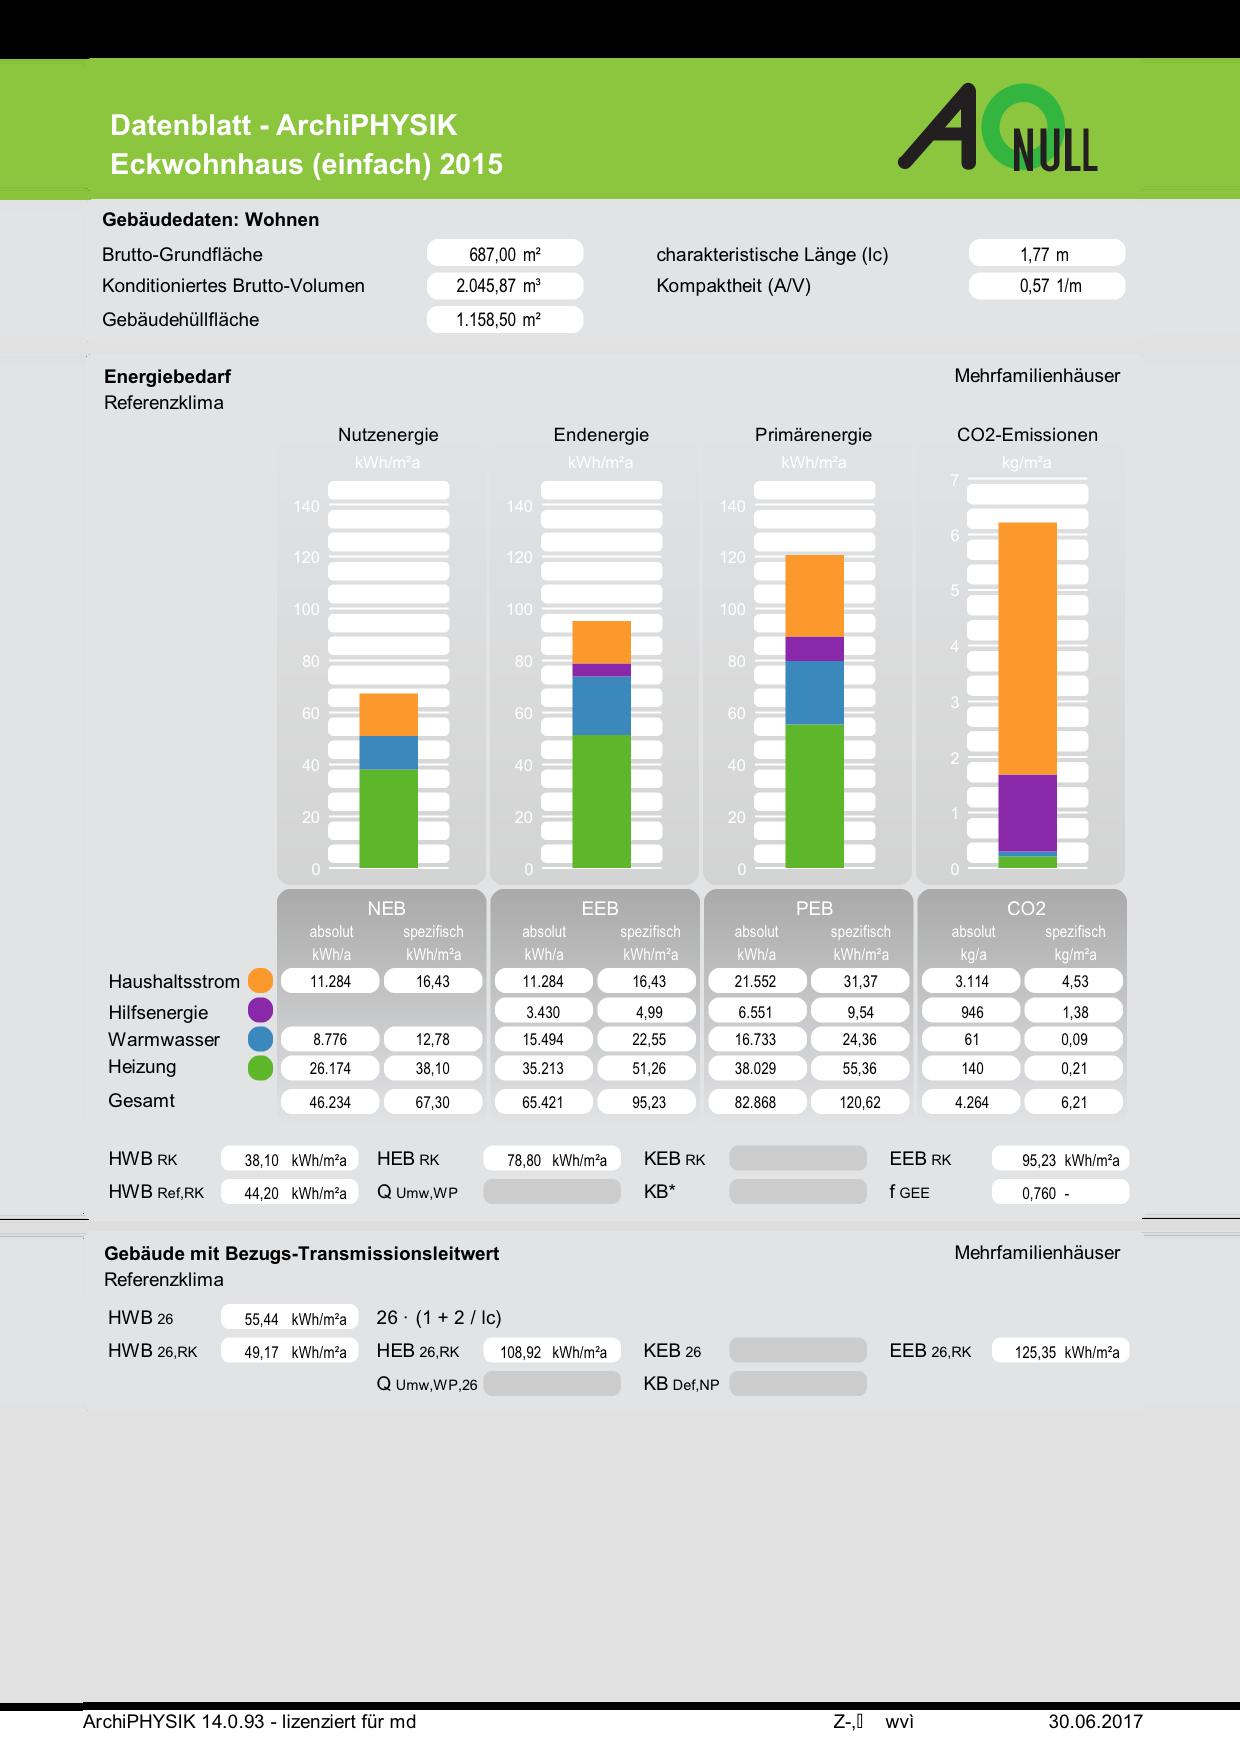 Energieausweis OIB RL6 2015 Wohngebäude Energiebedarf Referenzklima